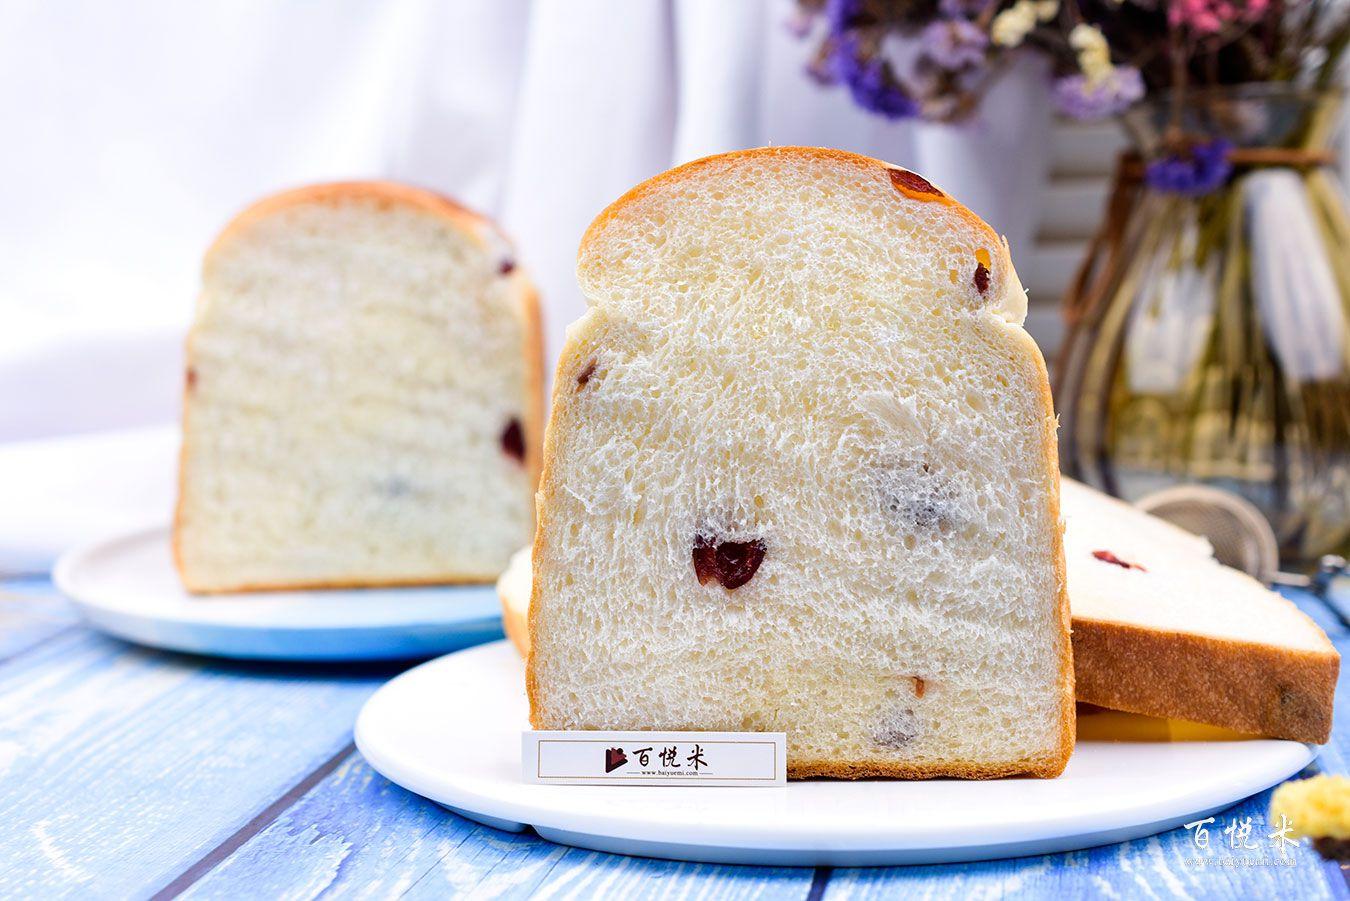 蔓越莓吐司面包高清图片大全【蛋糕图片】_532